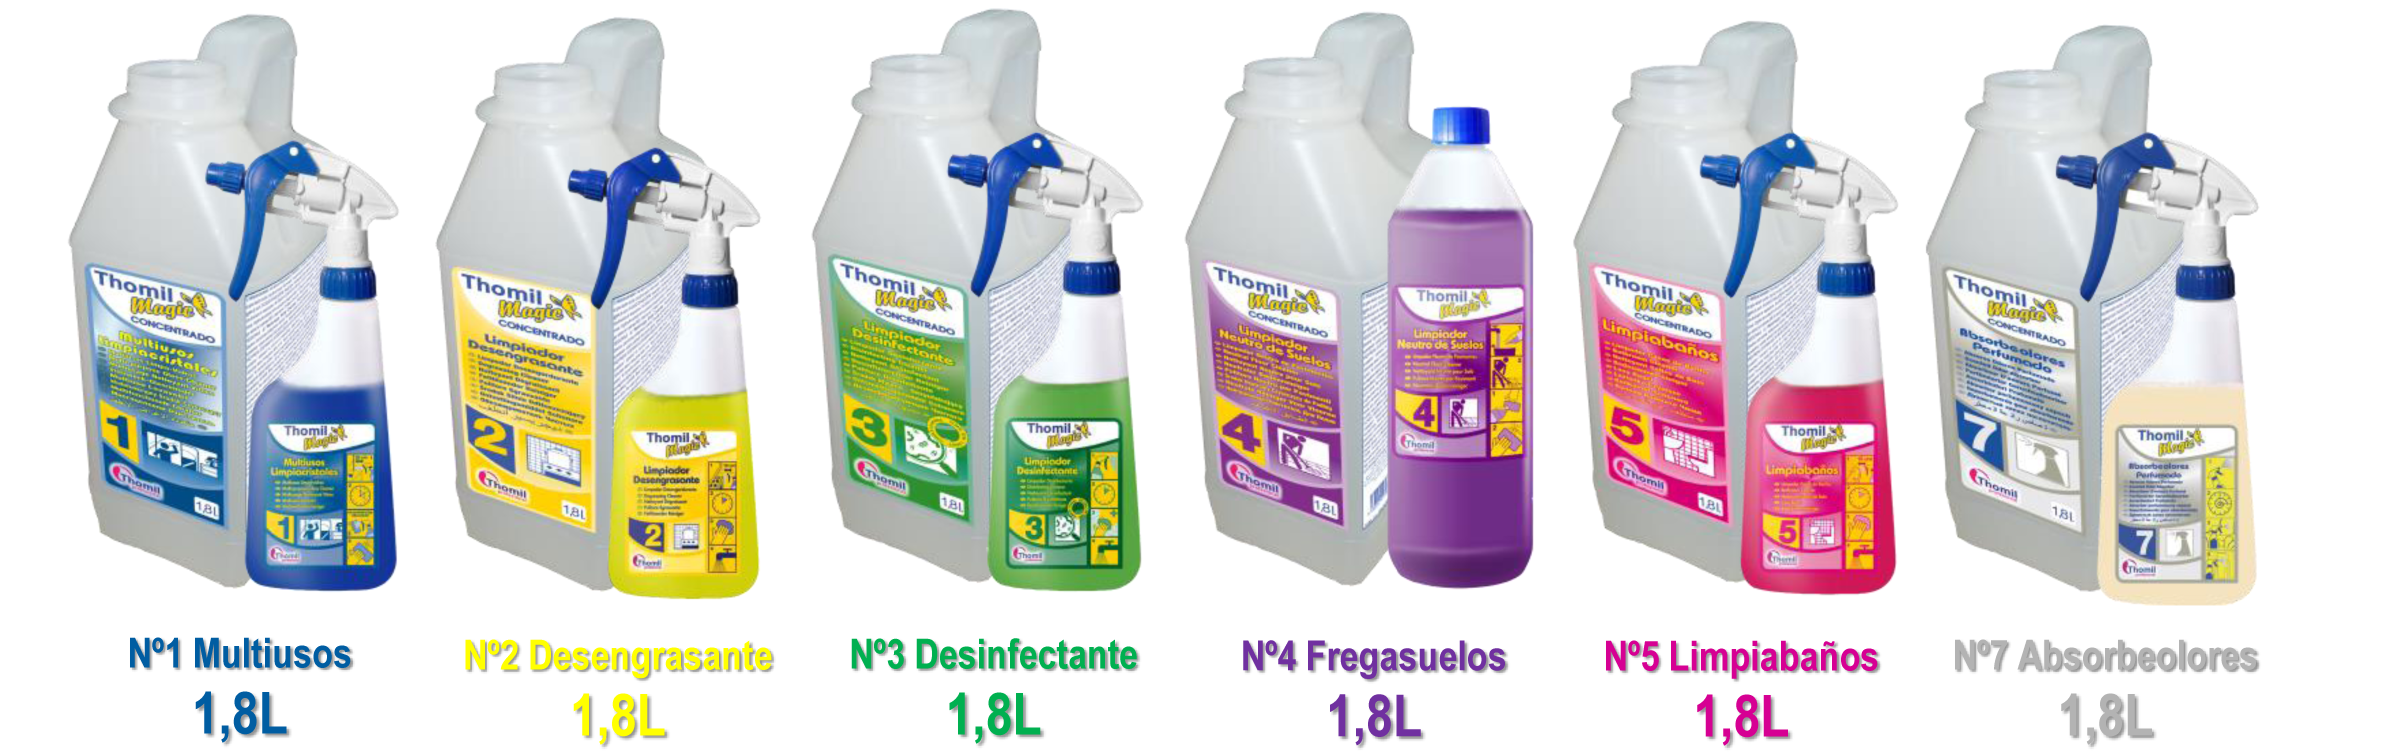 Productos Concentrados ThomilMagic